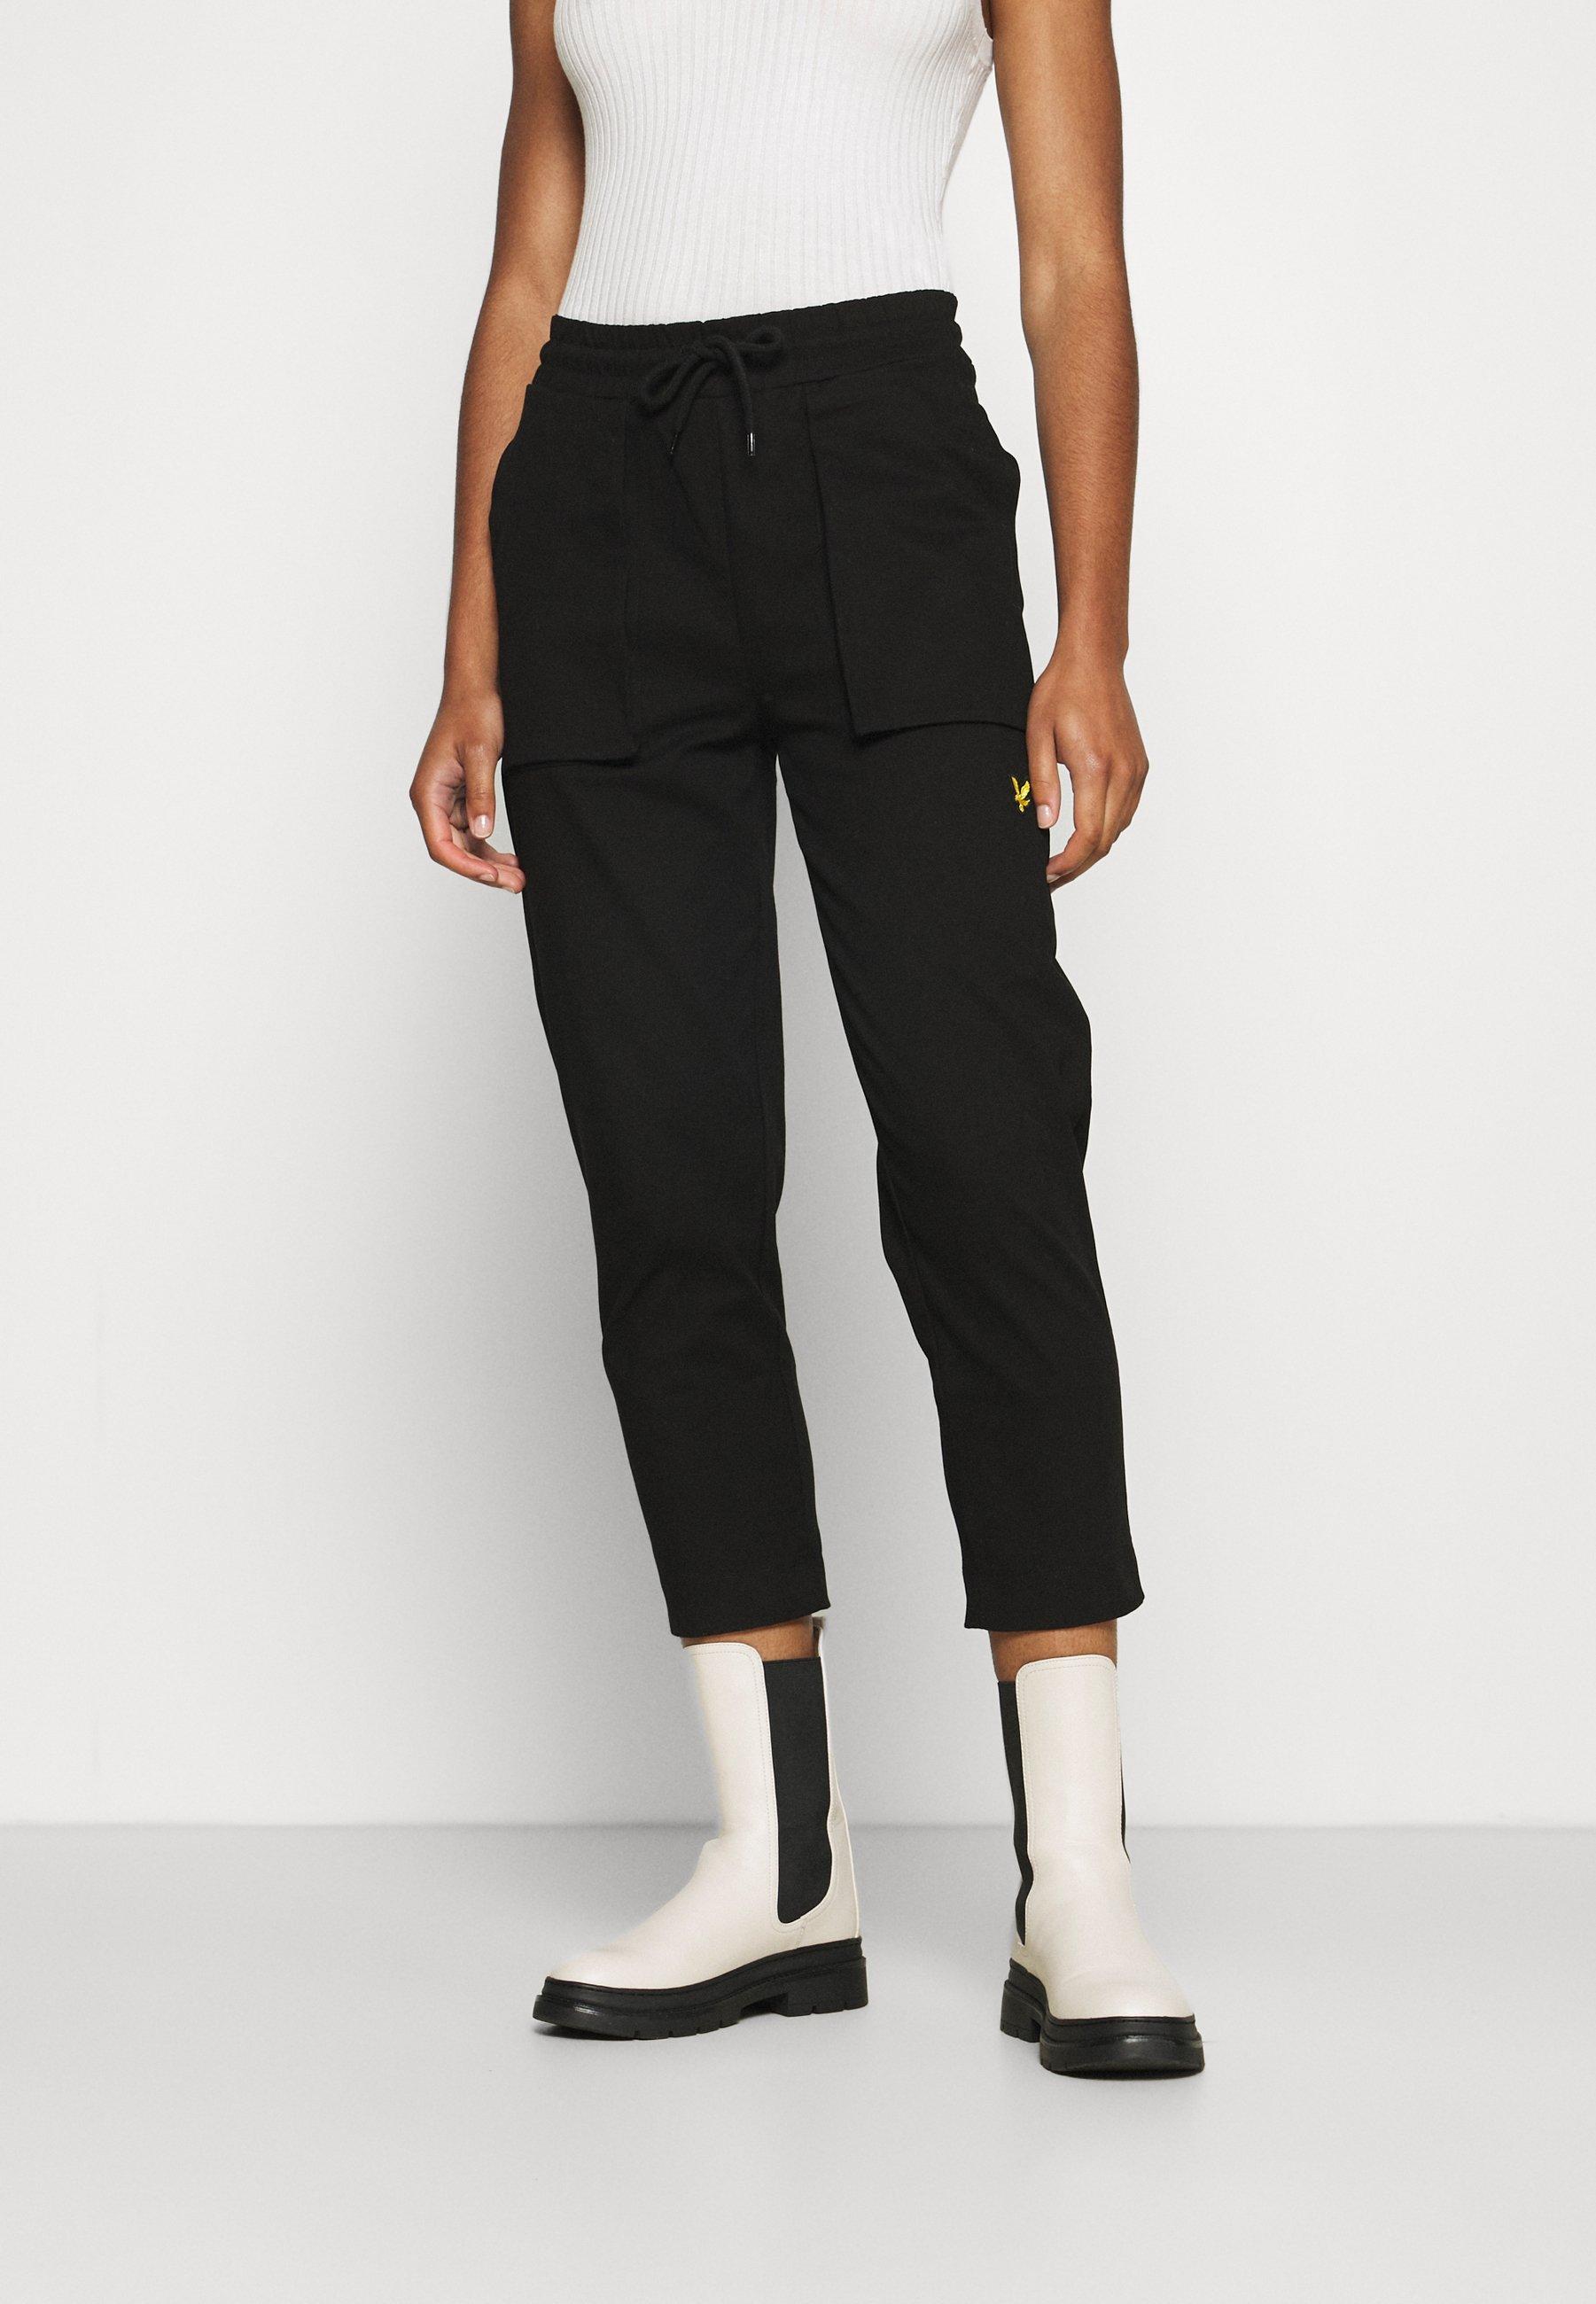 Femme POCKET TROUSER - Pantalon classique